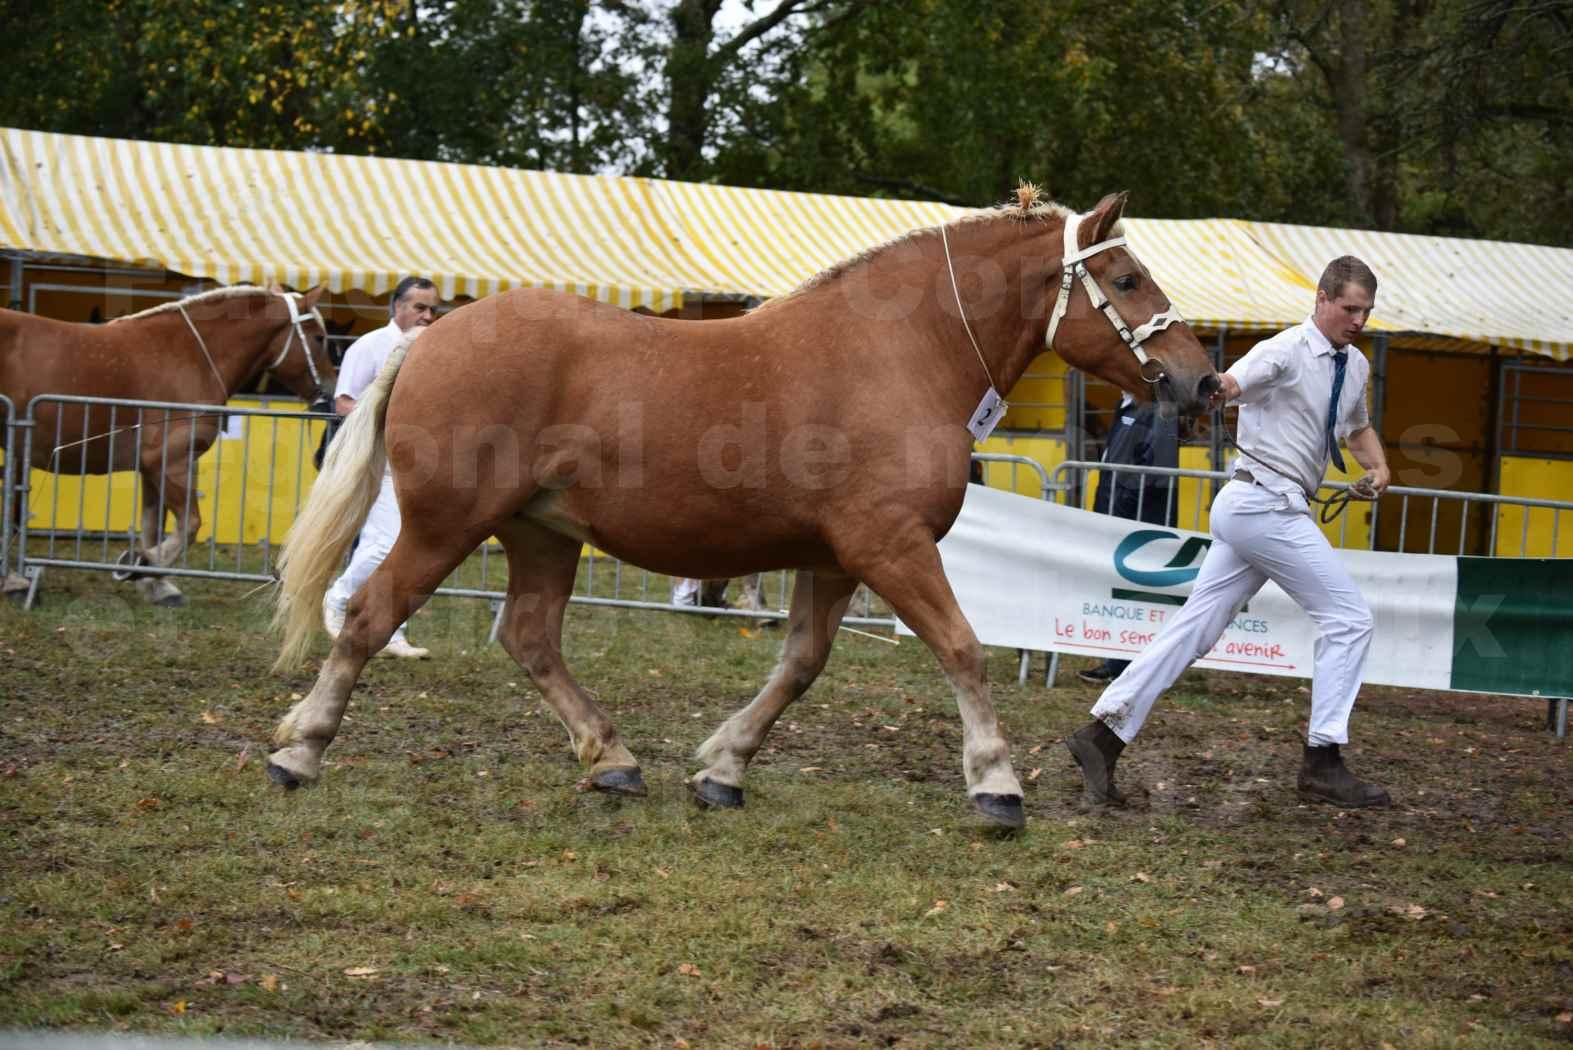 Concours Régional de chevaux de traits en 2017 - Pouliche Trait COMTOIS - EGLANTINE 28 - 02